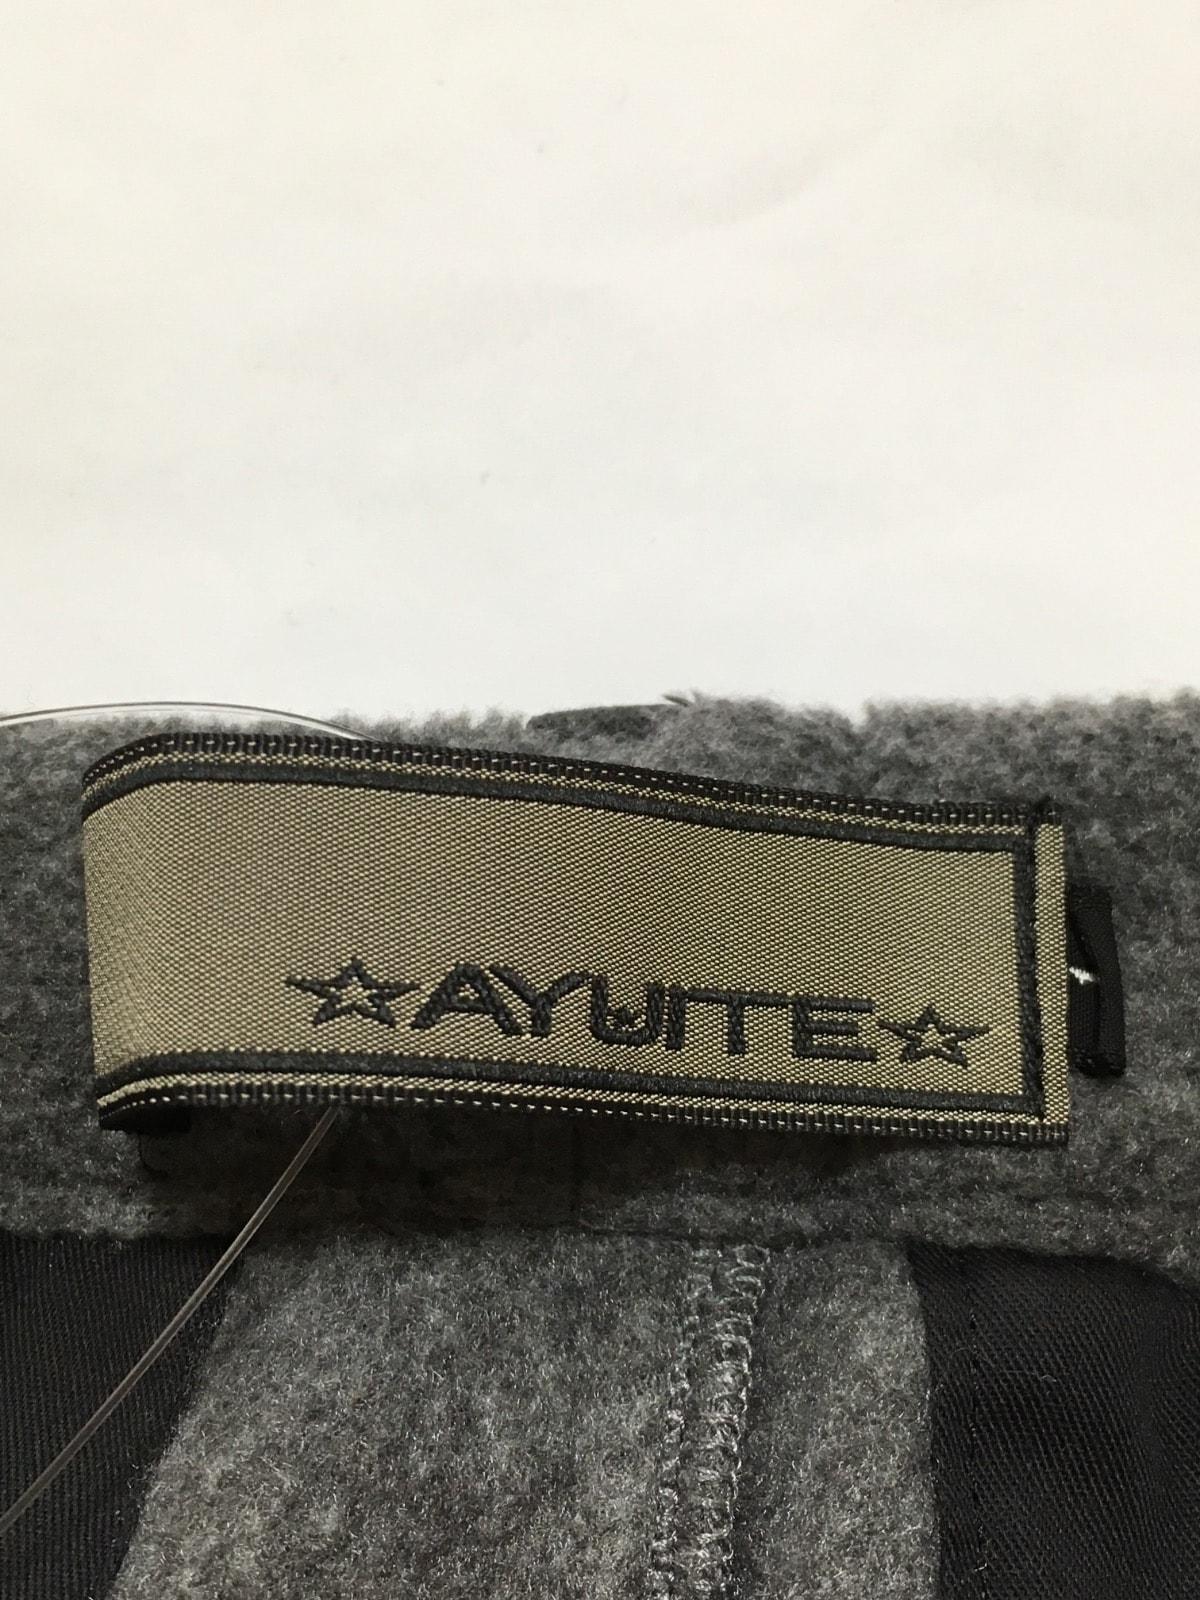 AYUITE(アユイテ)のパンツ